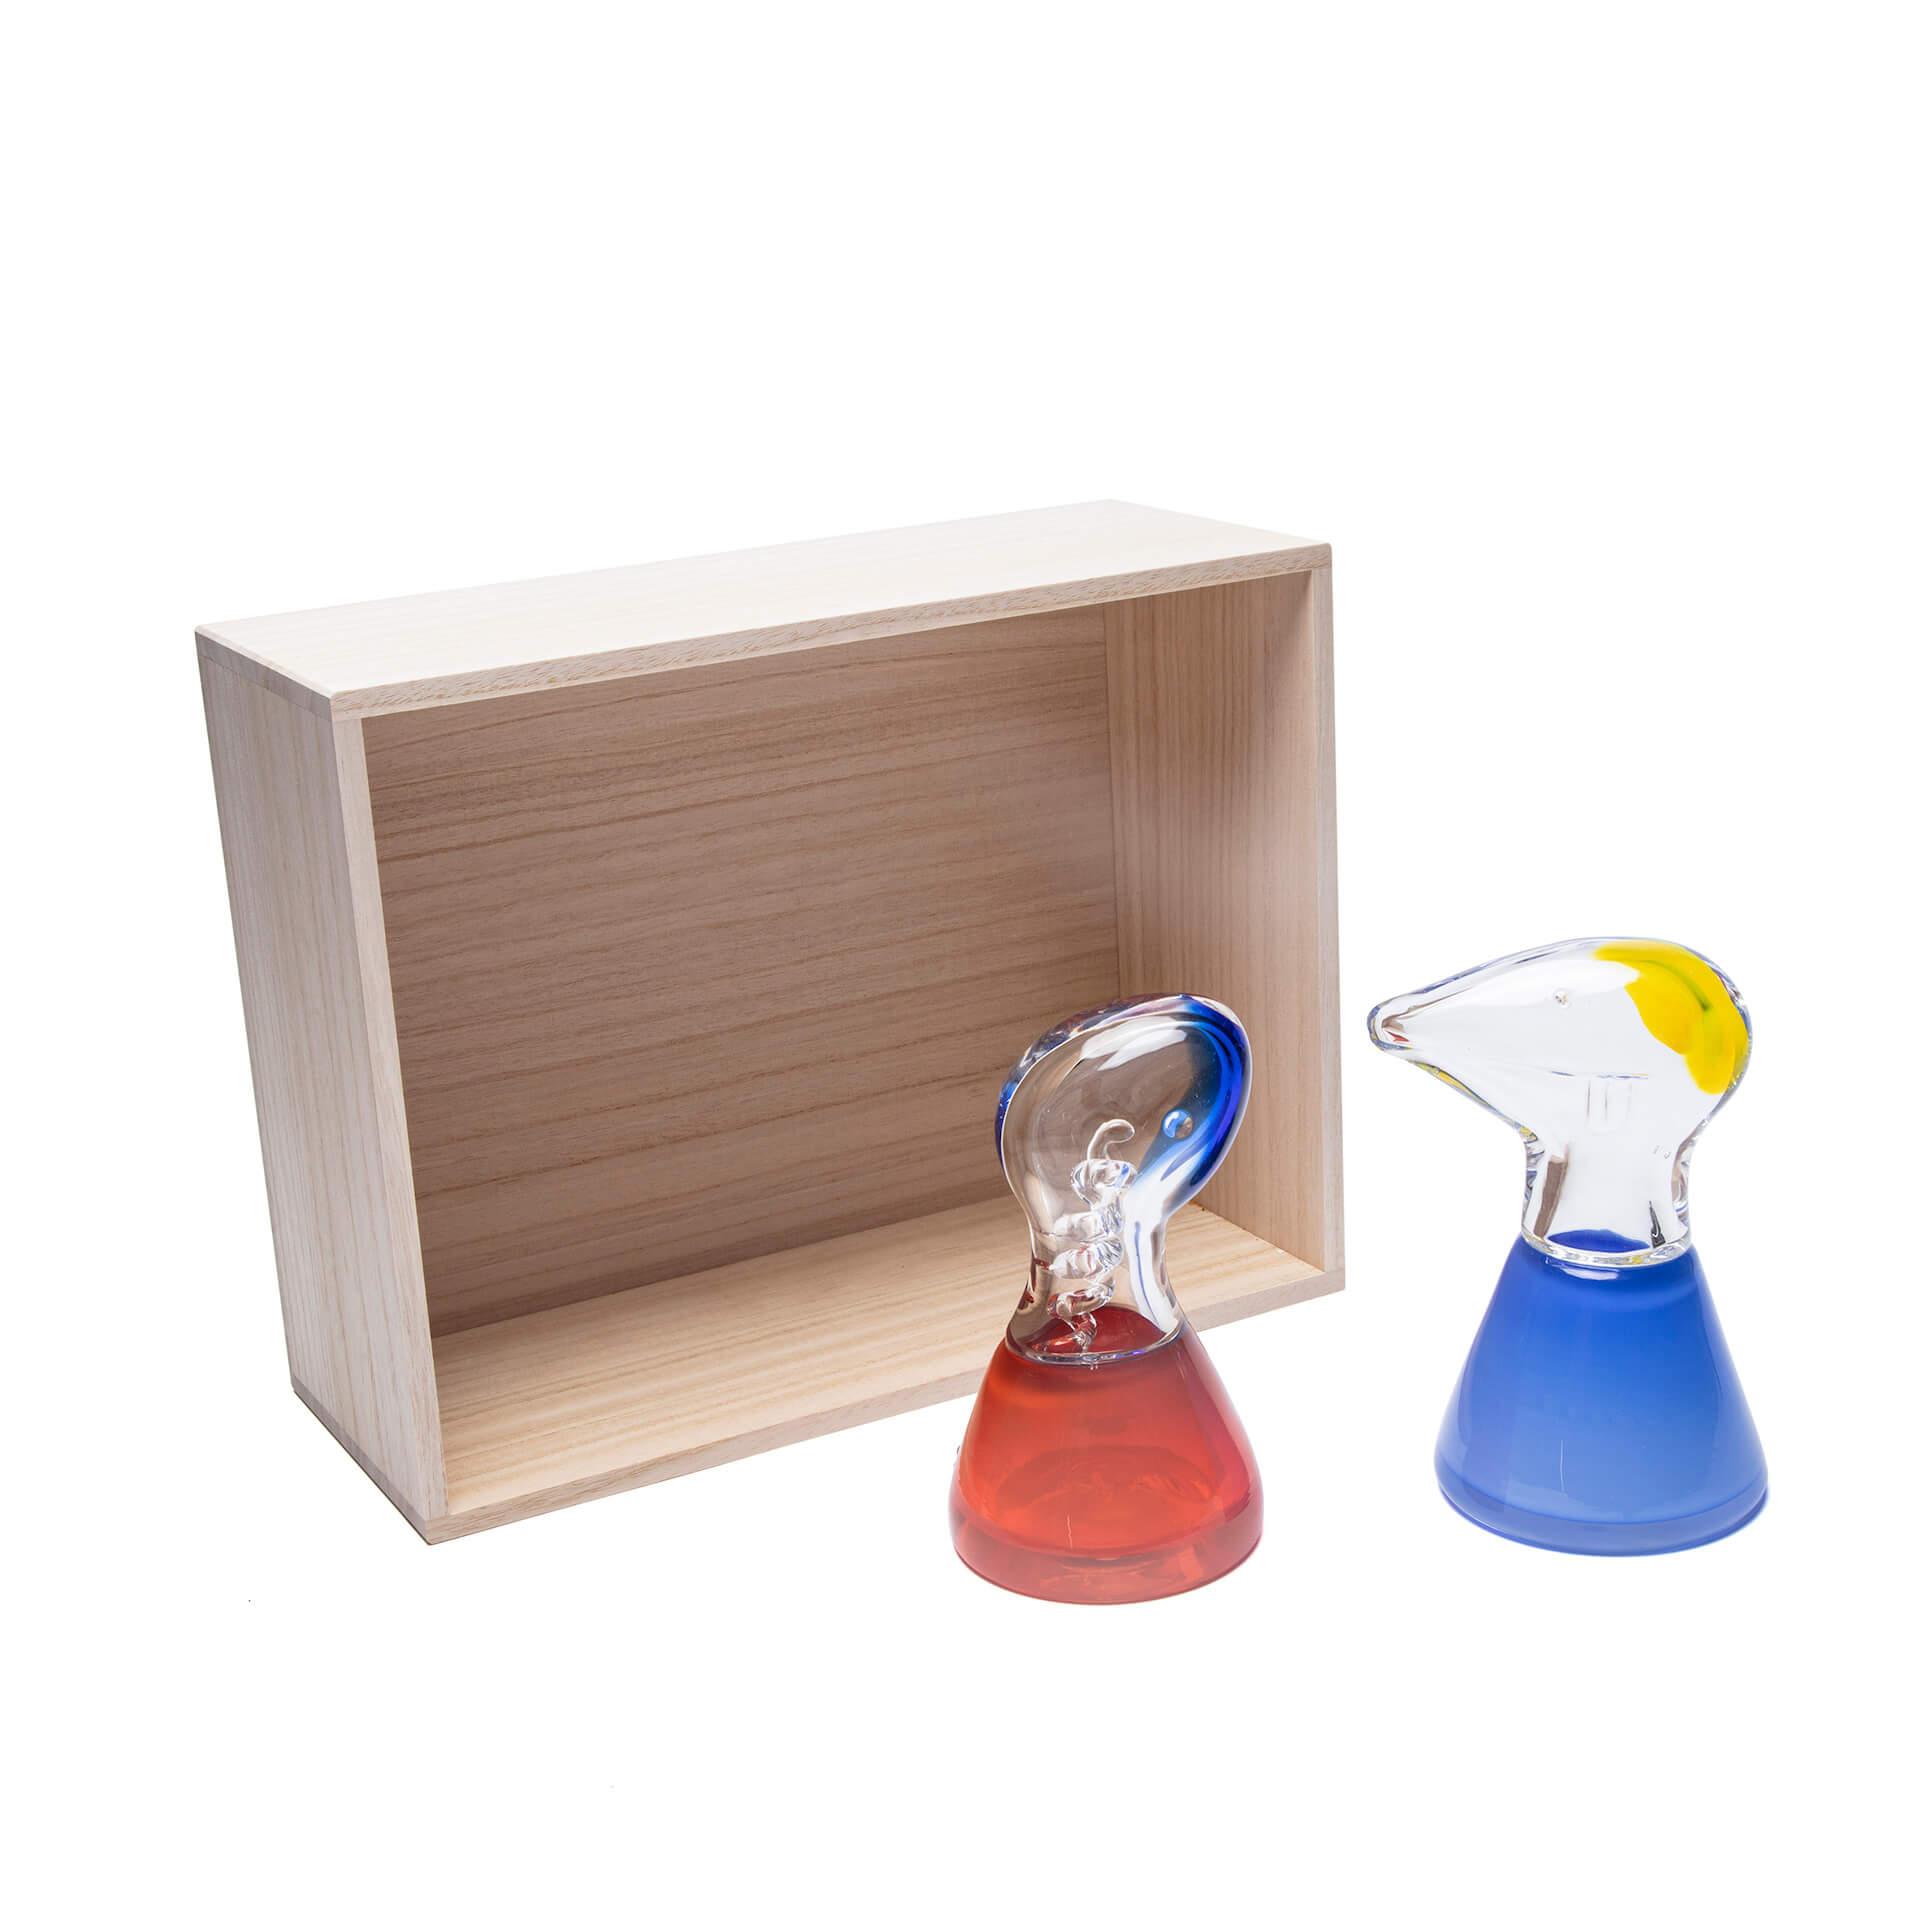 オオクボリュウのガラス作品第2弾『SAPPY COUPLE』が10作品限定で受注生産販売開始! art210423_ookuboryu-210423_4